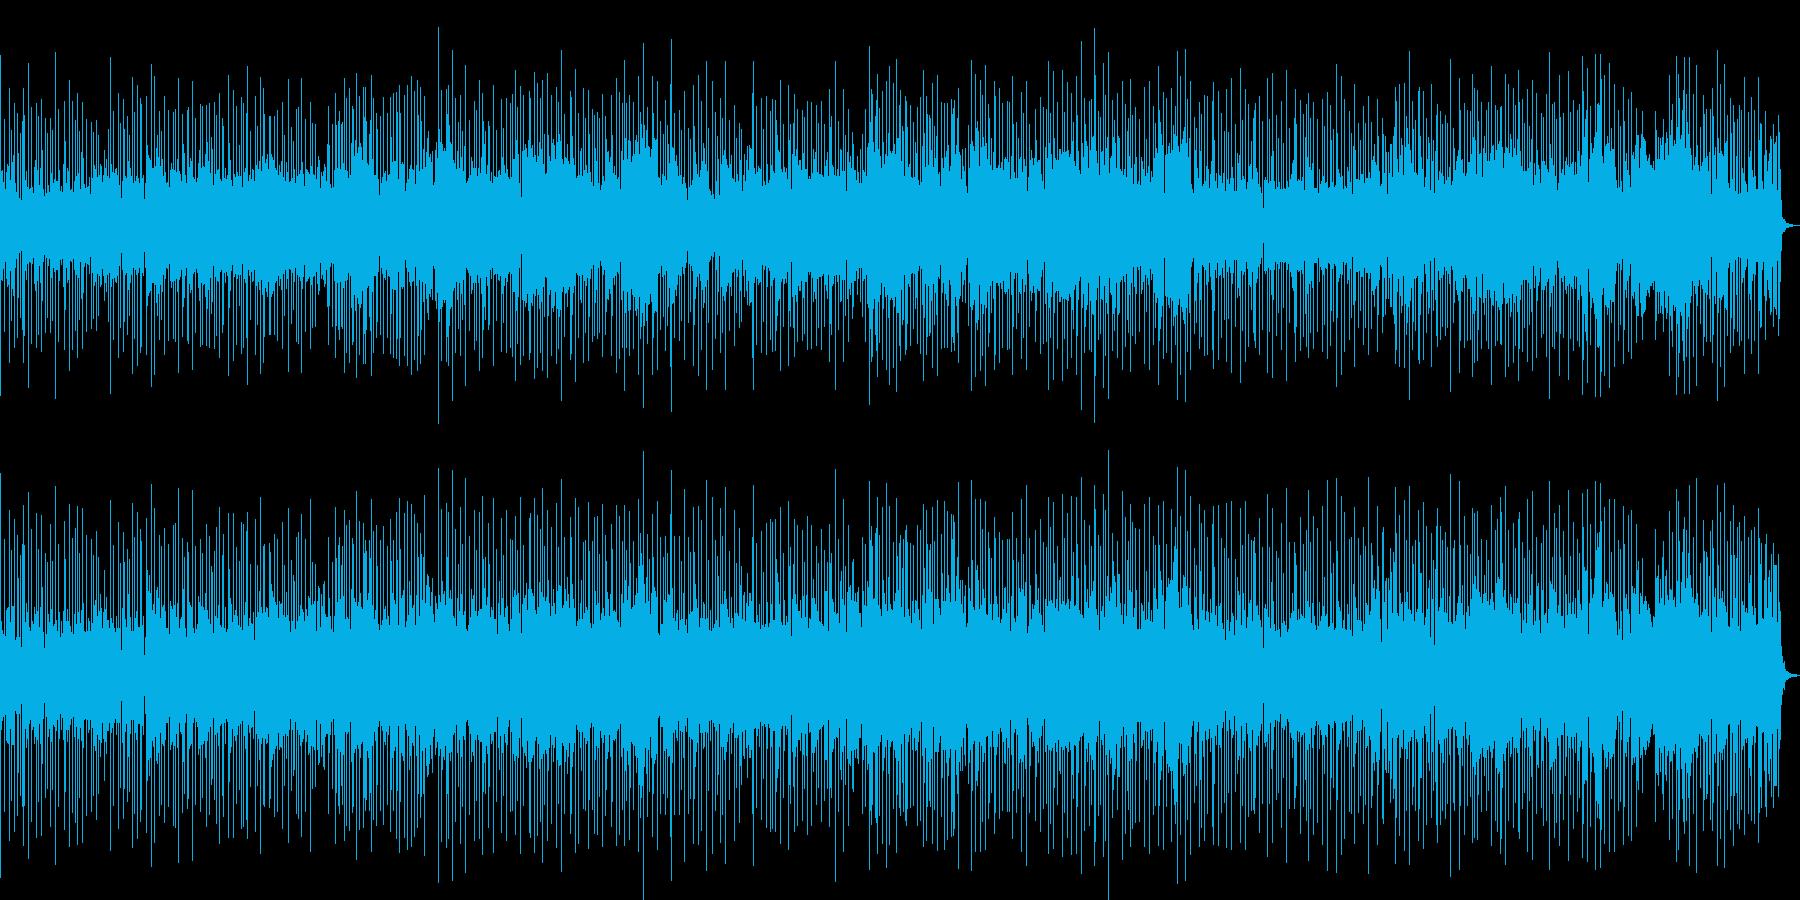 シンプルなFunky Popの再生済みの波形